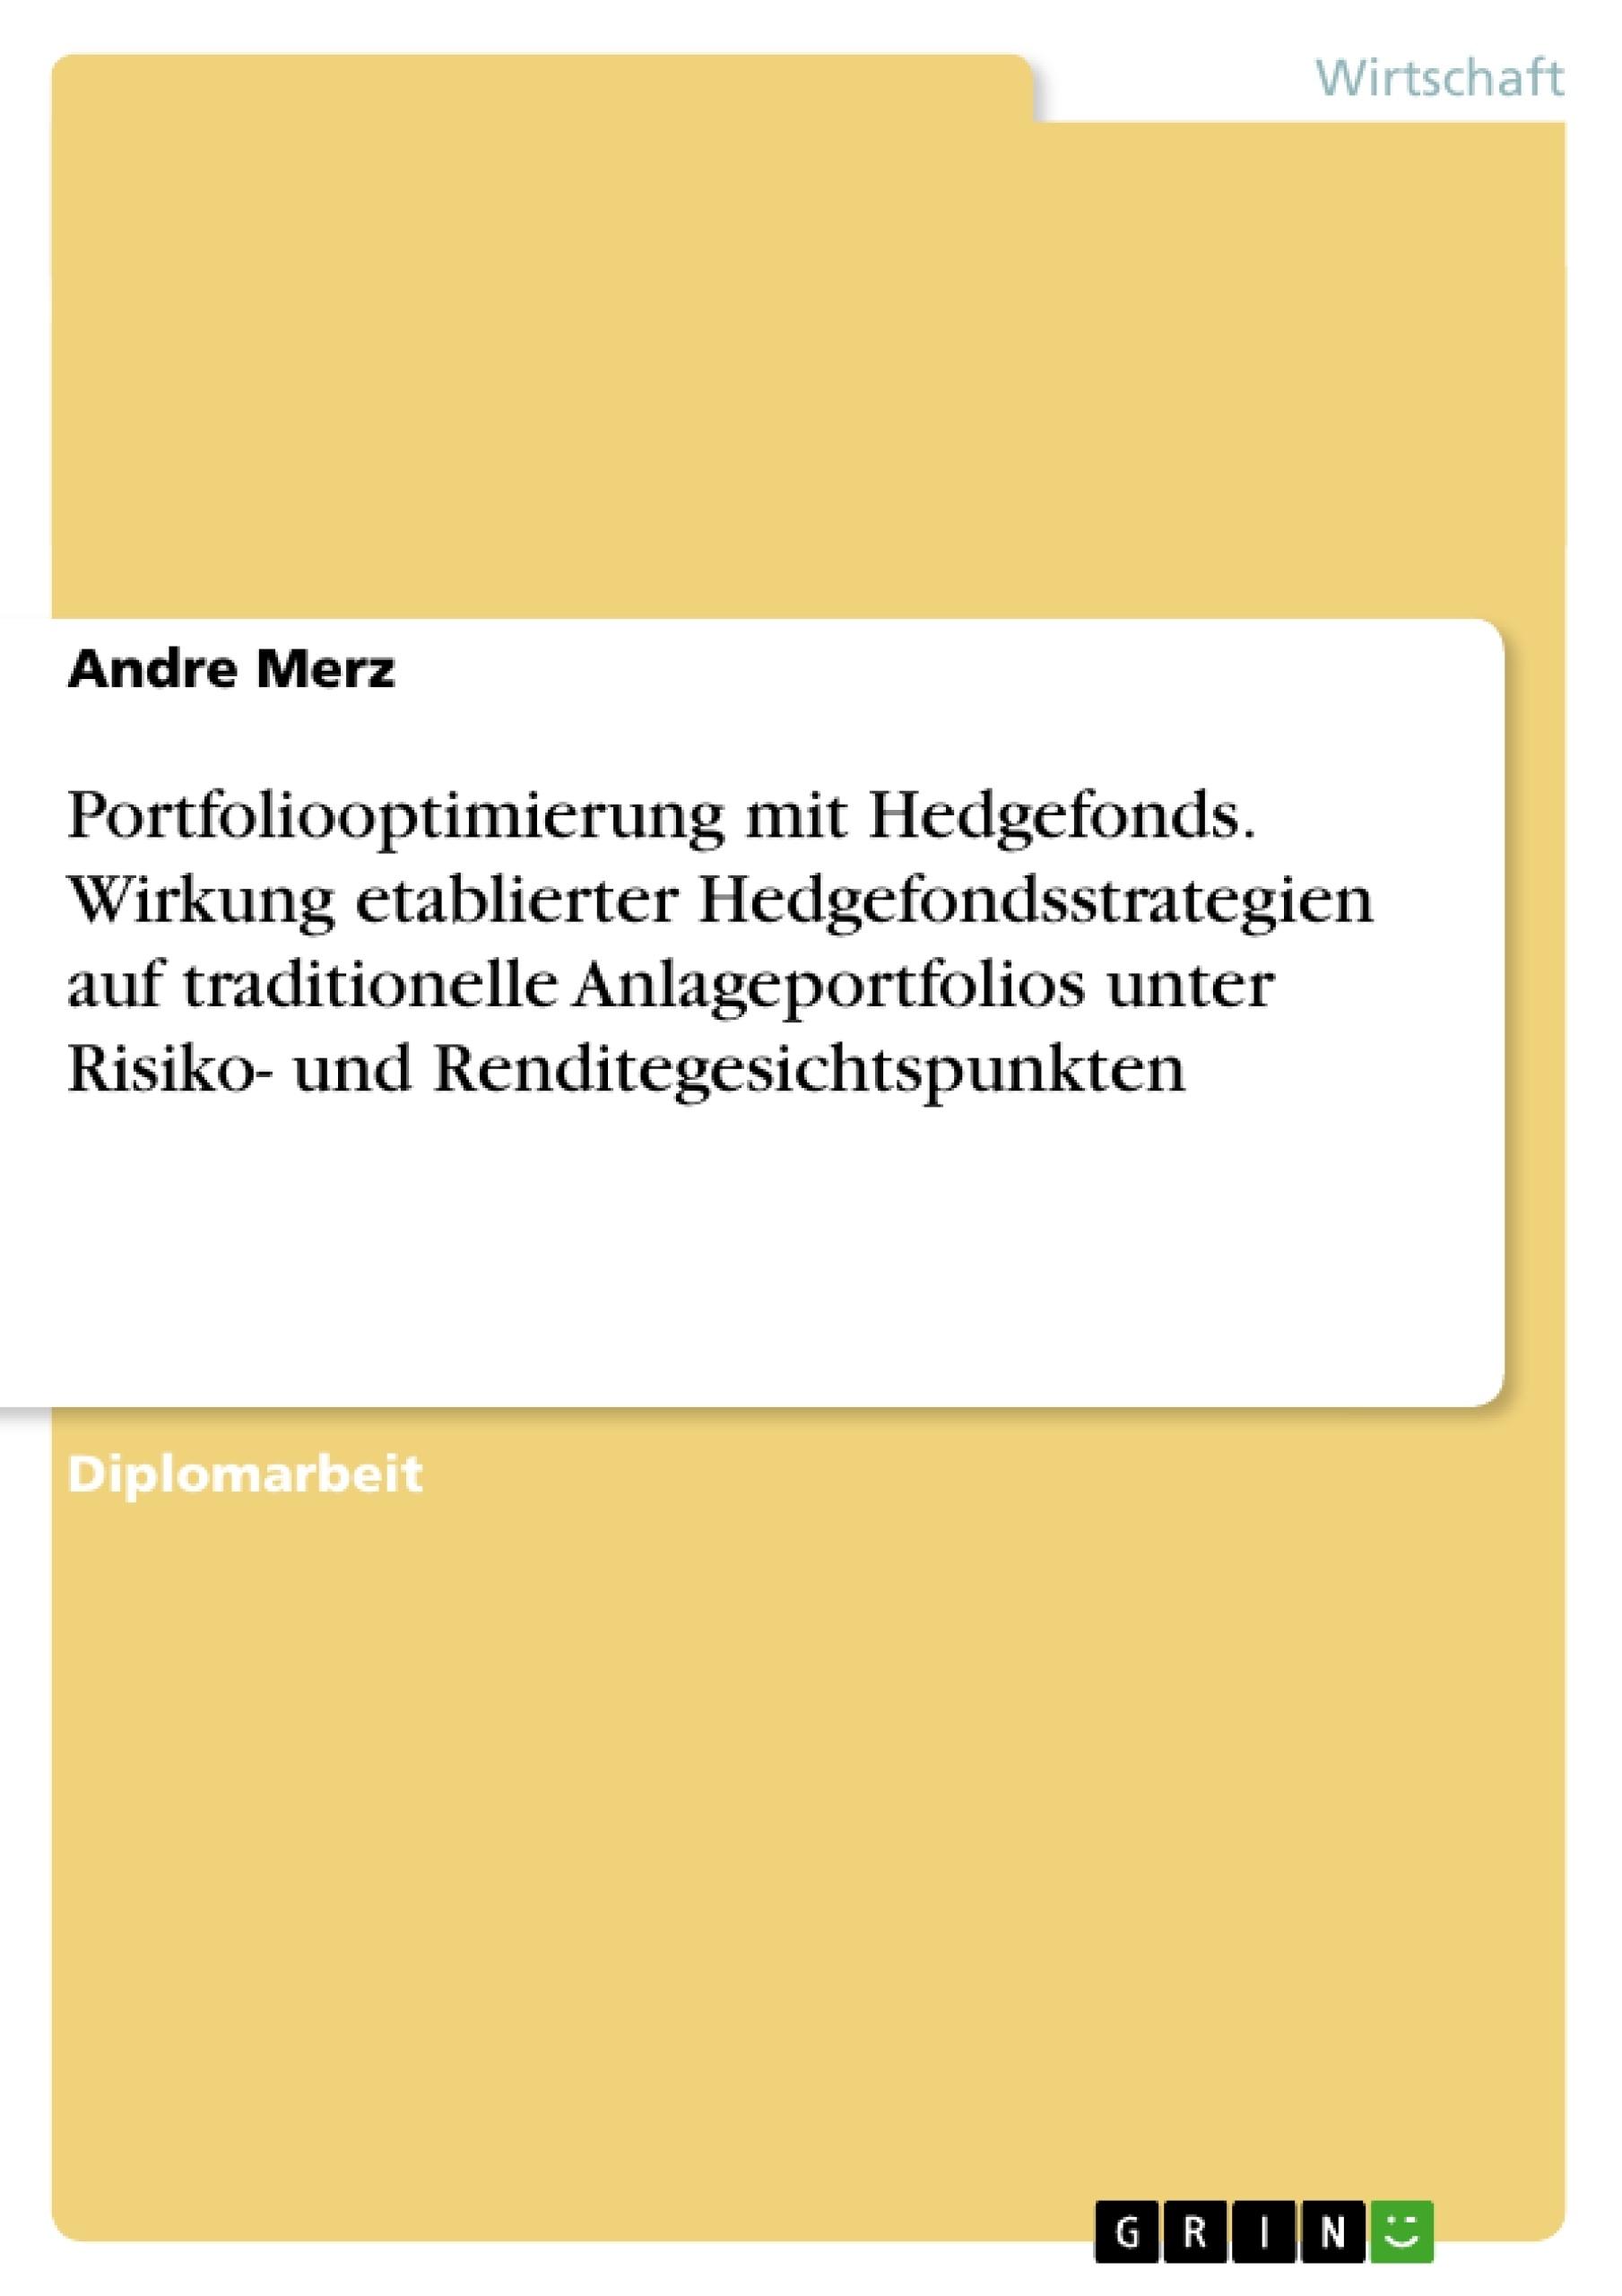 Titel: Portfoliooptimierung mit Hedgefonds. Wirkung etablierter Hedgefondsstrategien auf traditionelle Anlageportfolios unter Risiko- und Renditegesichtspunkten